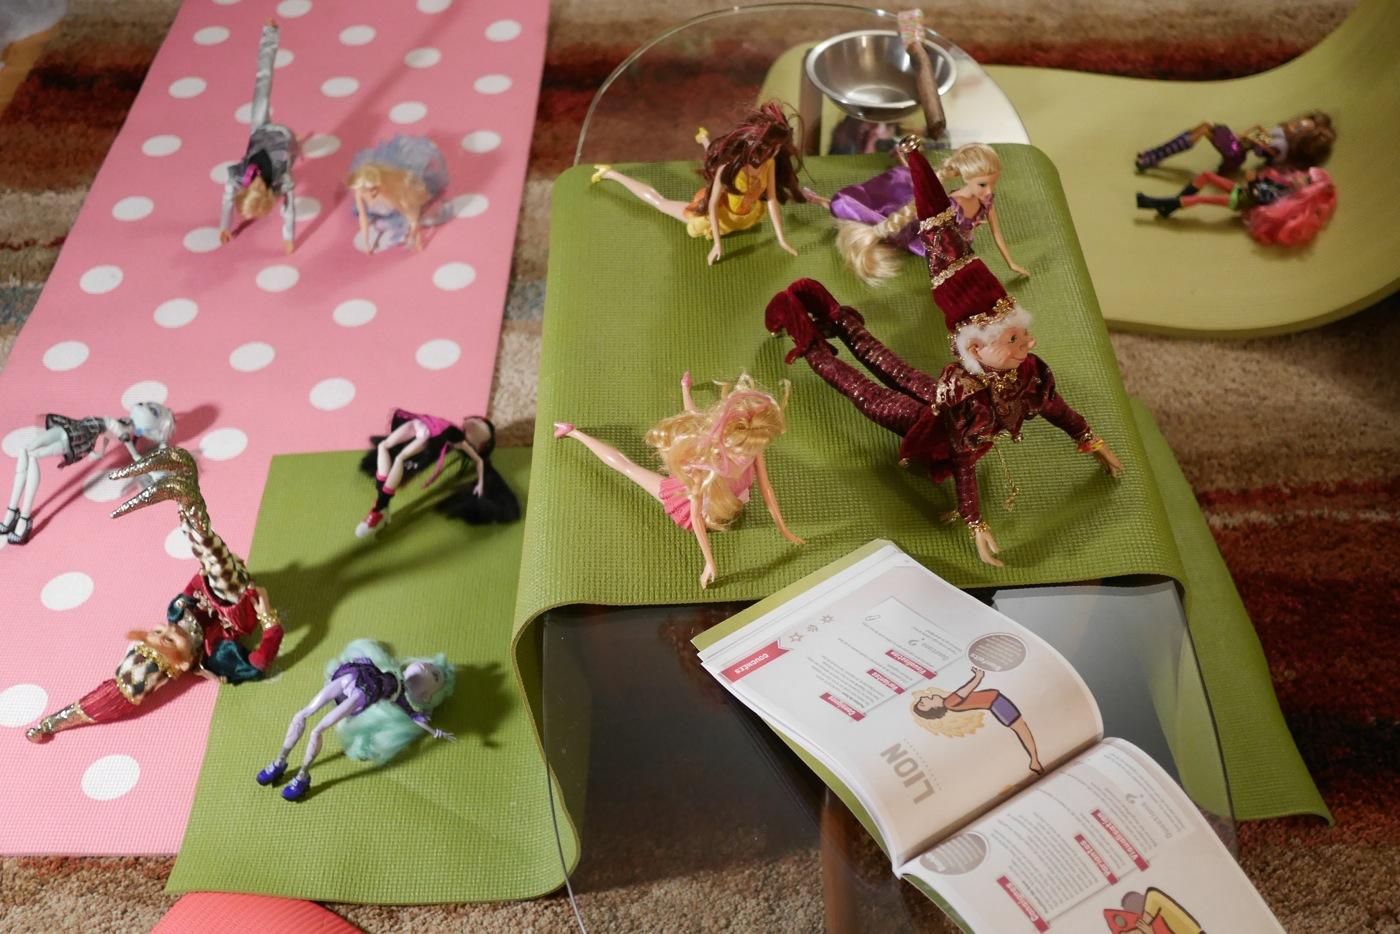 Inspirés par un livre de postures de yoga pour les enfants, les lutins ont enrôlé les poupées dans une série d'exercices.